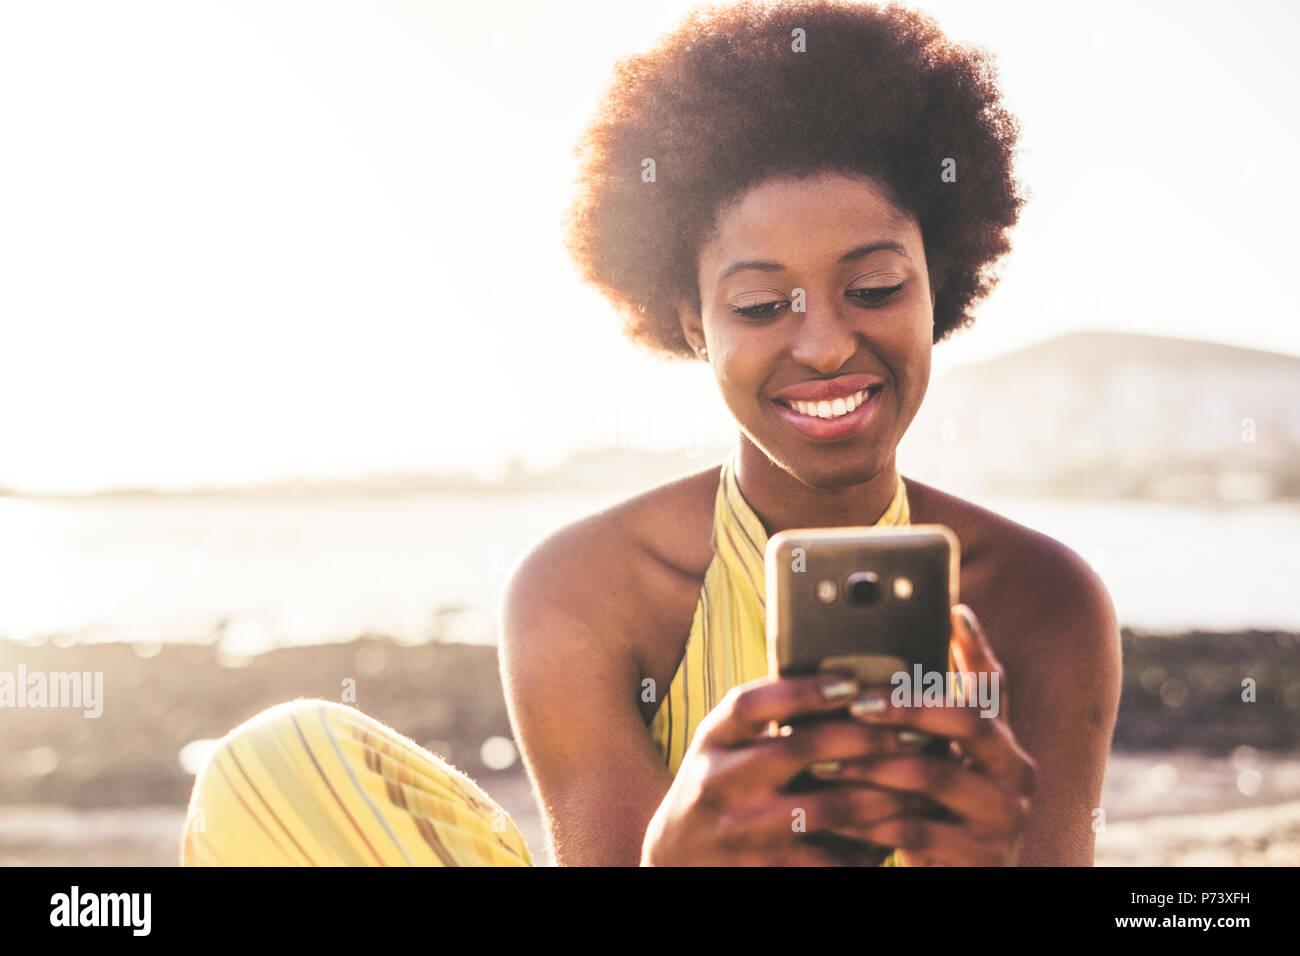 Giovane e bella ragazza modello rac nero capelli africani utilizzare telefoni cellulari la tecnologia per scrivere gli amici durante una vacanza. l'oceano e la retroilluminazione in background, o Foto Stock